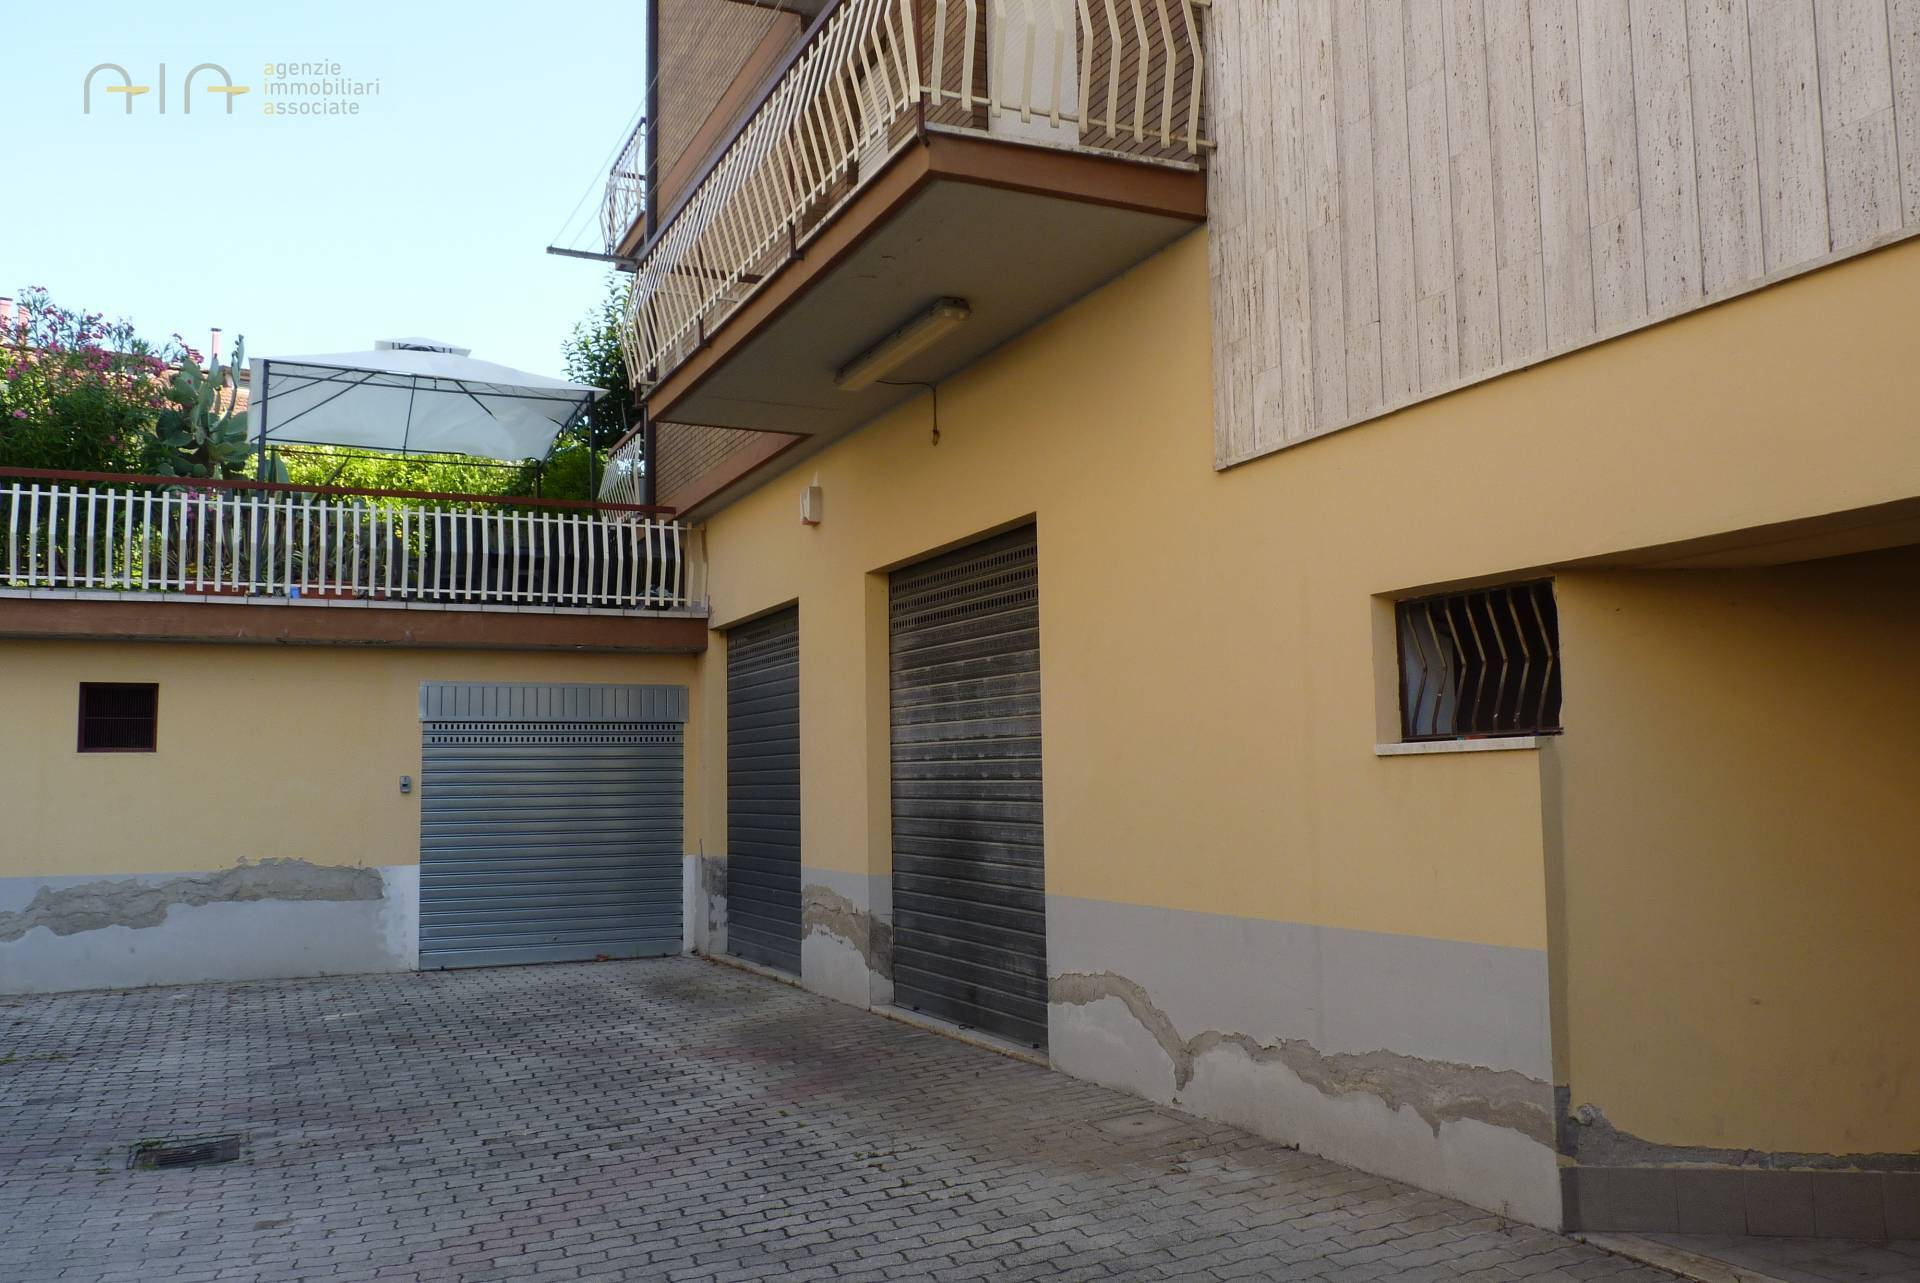 Box / Garage in vendita a Castel di Lama, 2 locali, zona Località: ZonaSalaria, prezzo € 38.000 | CambioCasa.it